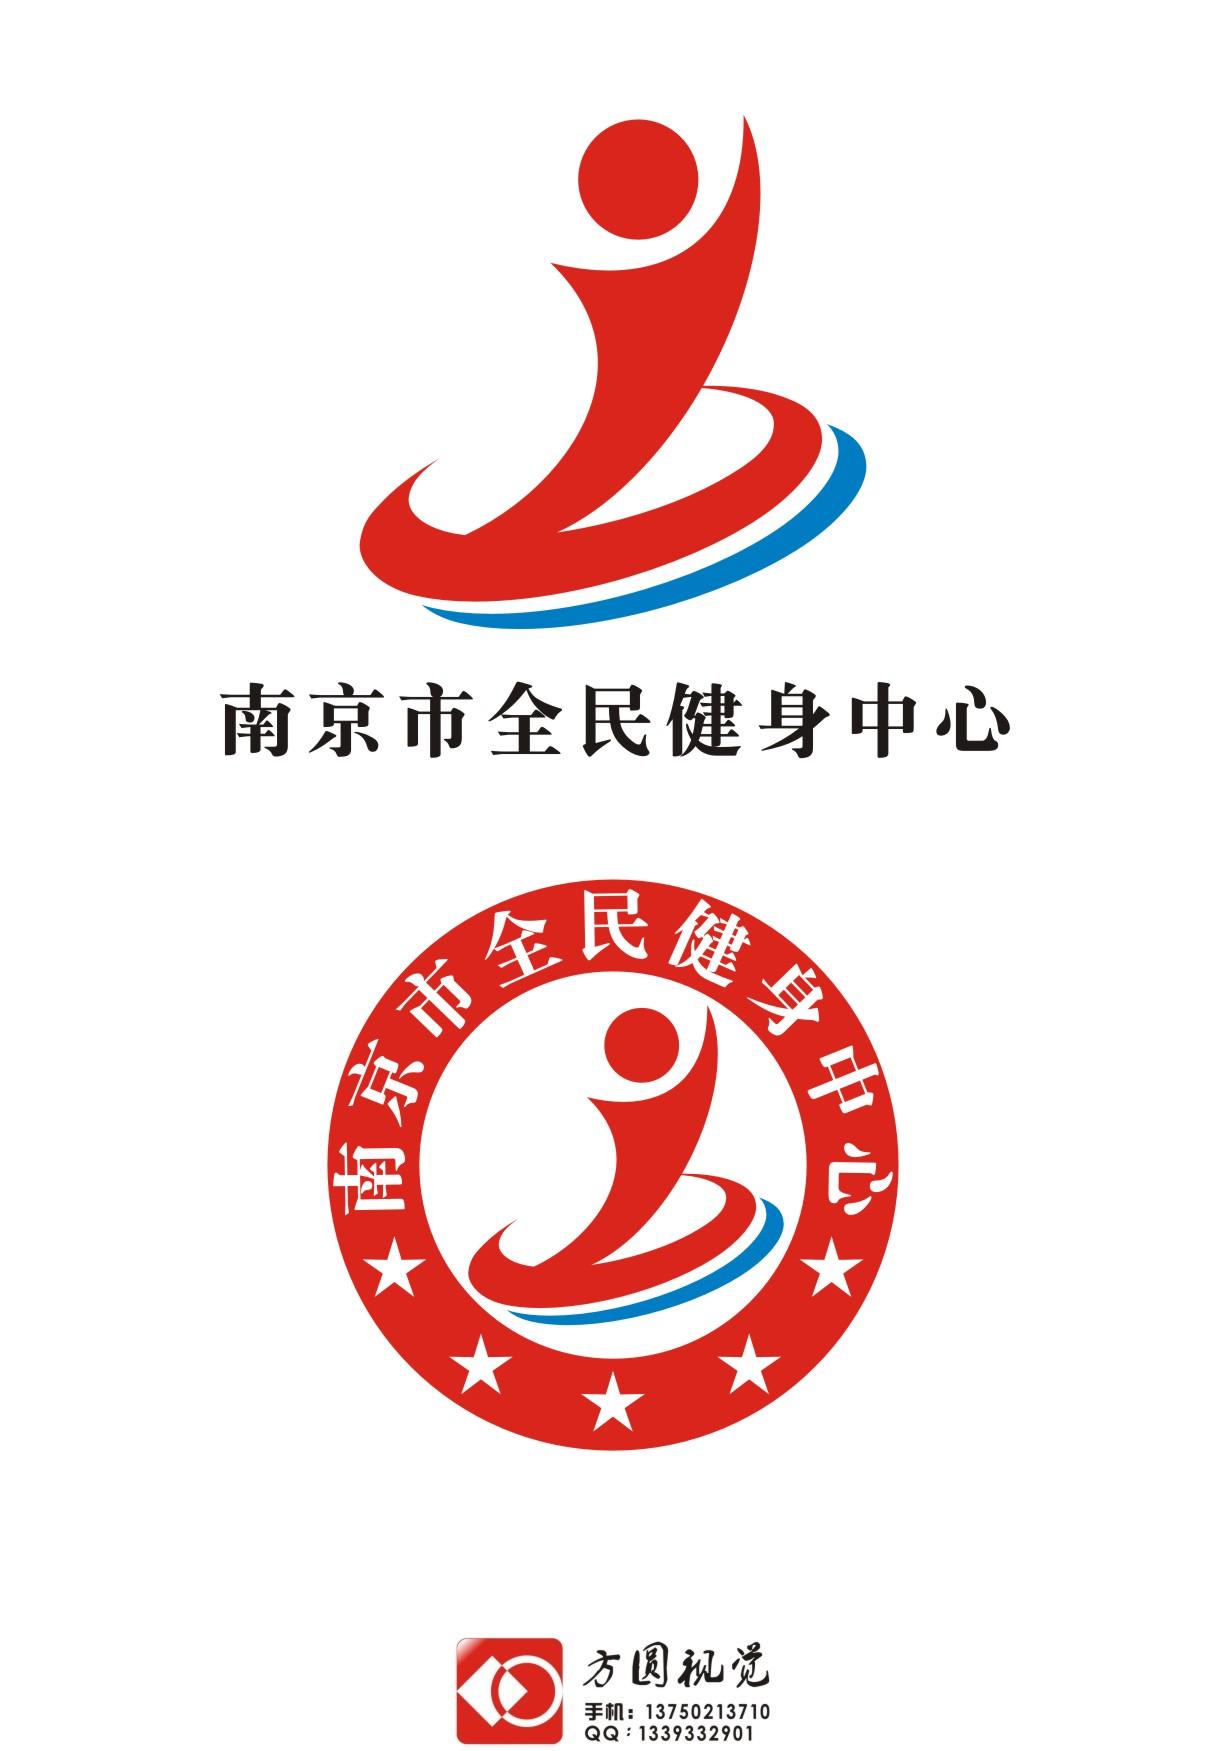 南京市全民健身中心logo设计